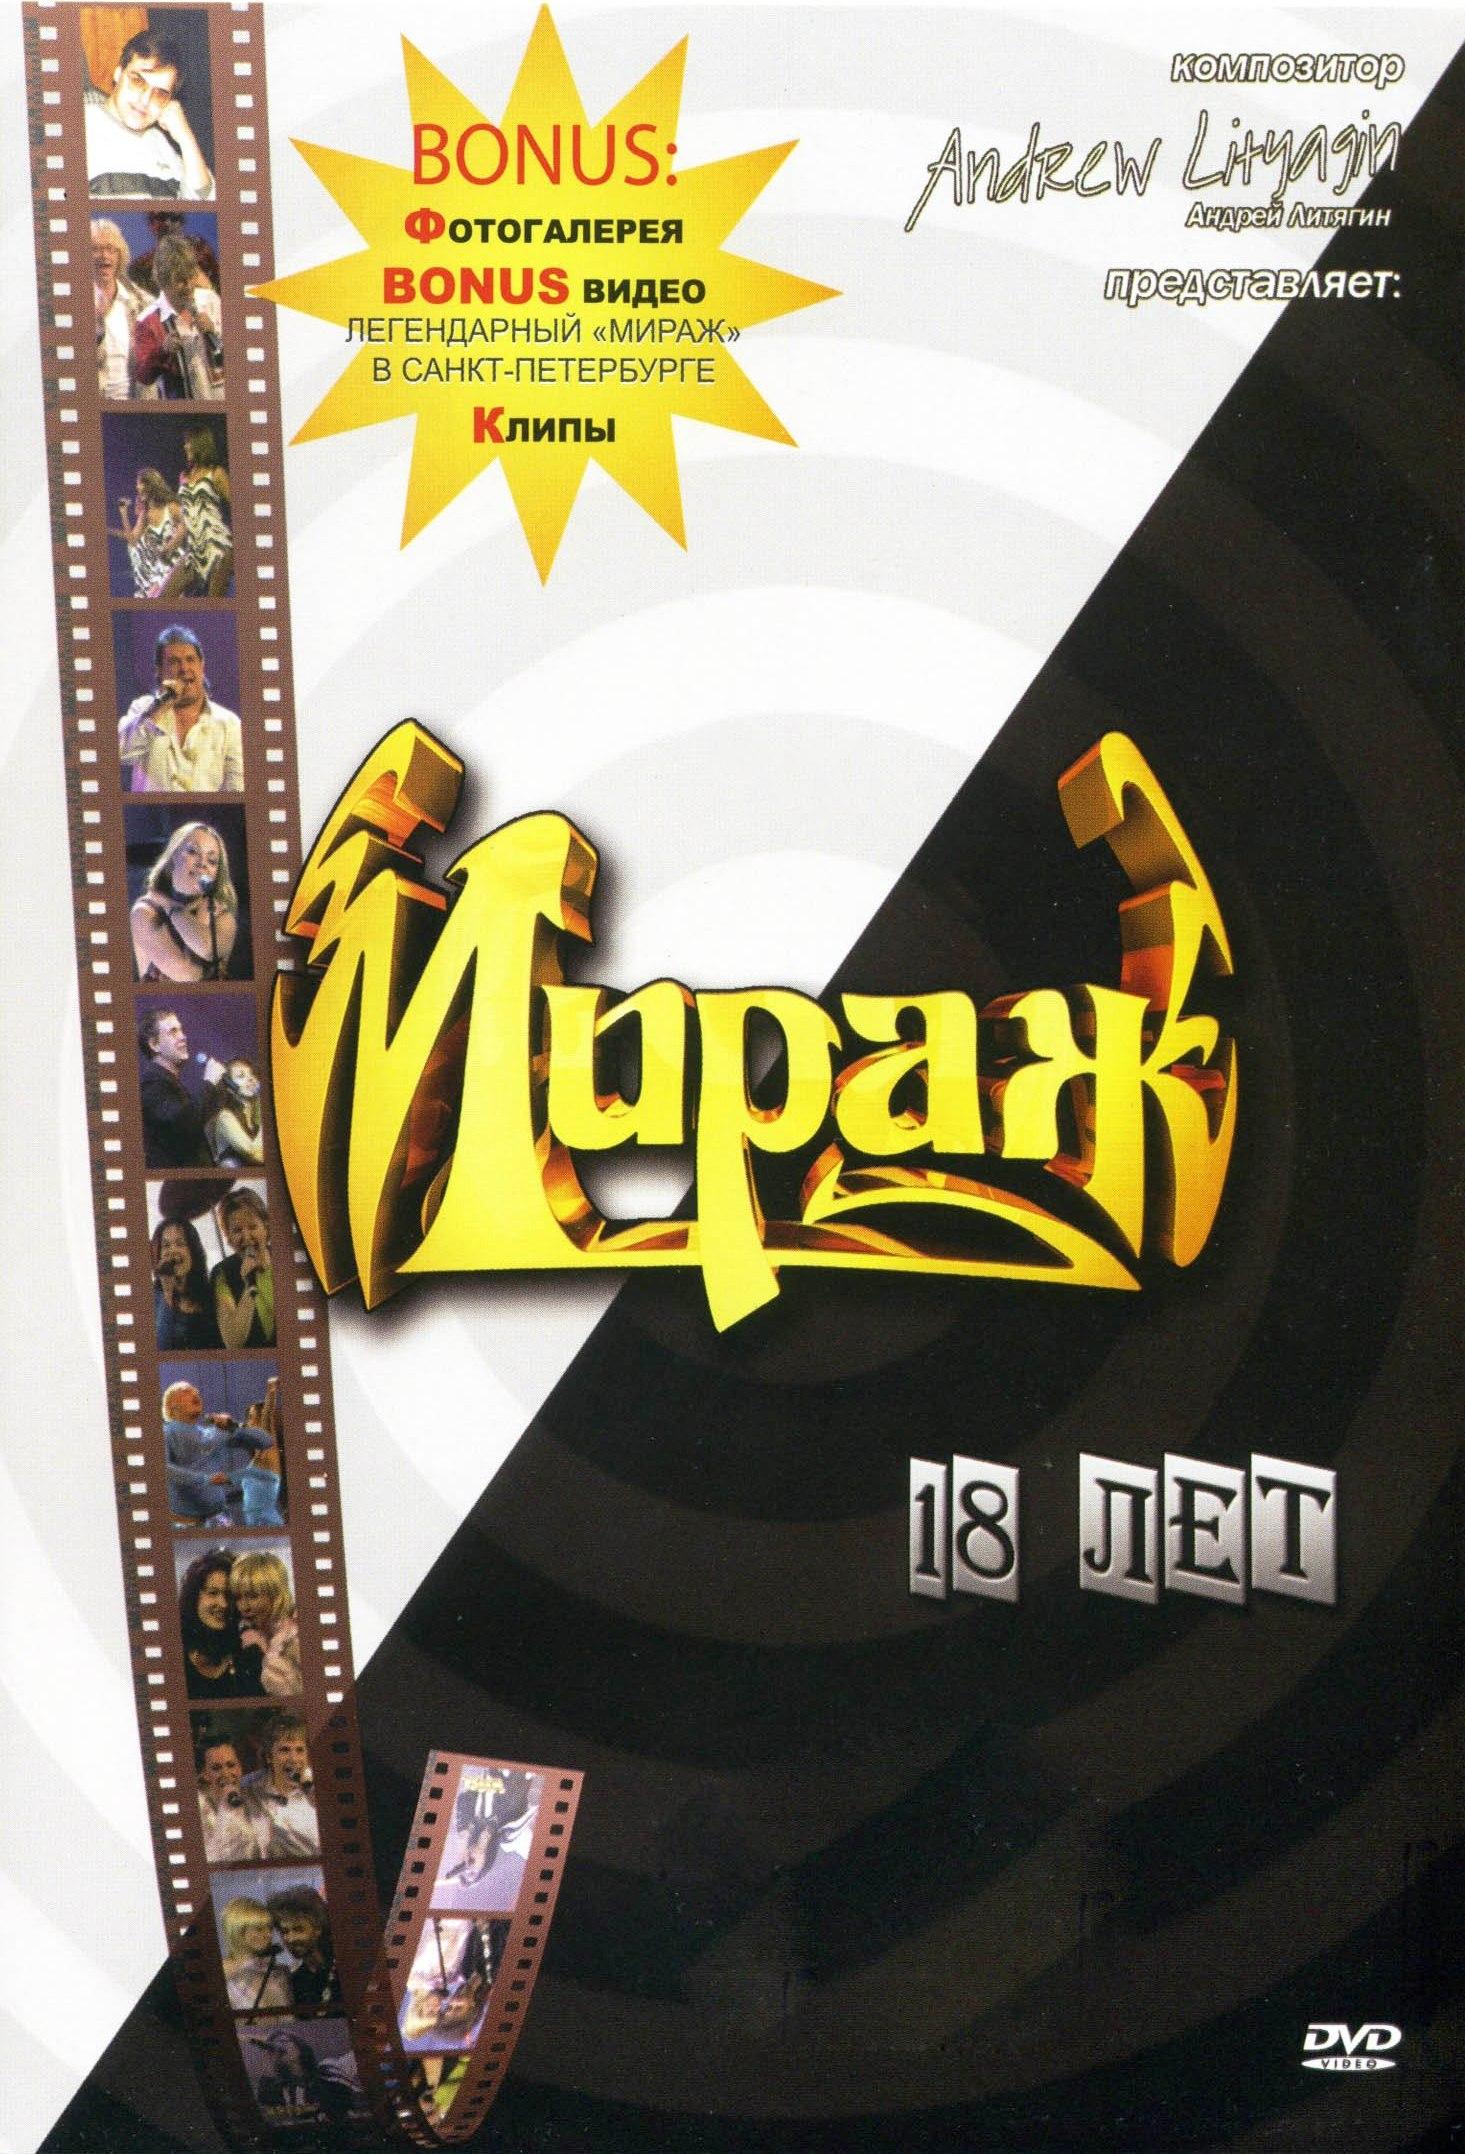 «Мираж 18 лет» DVD